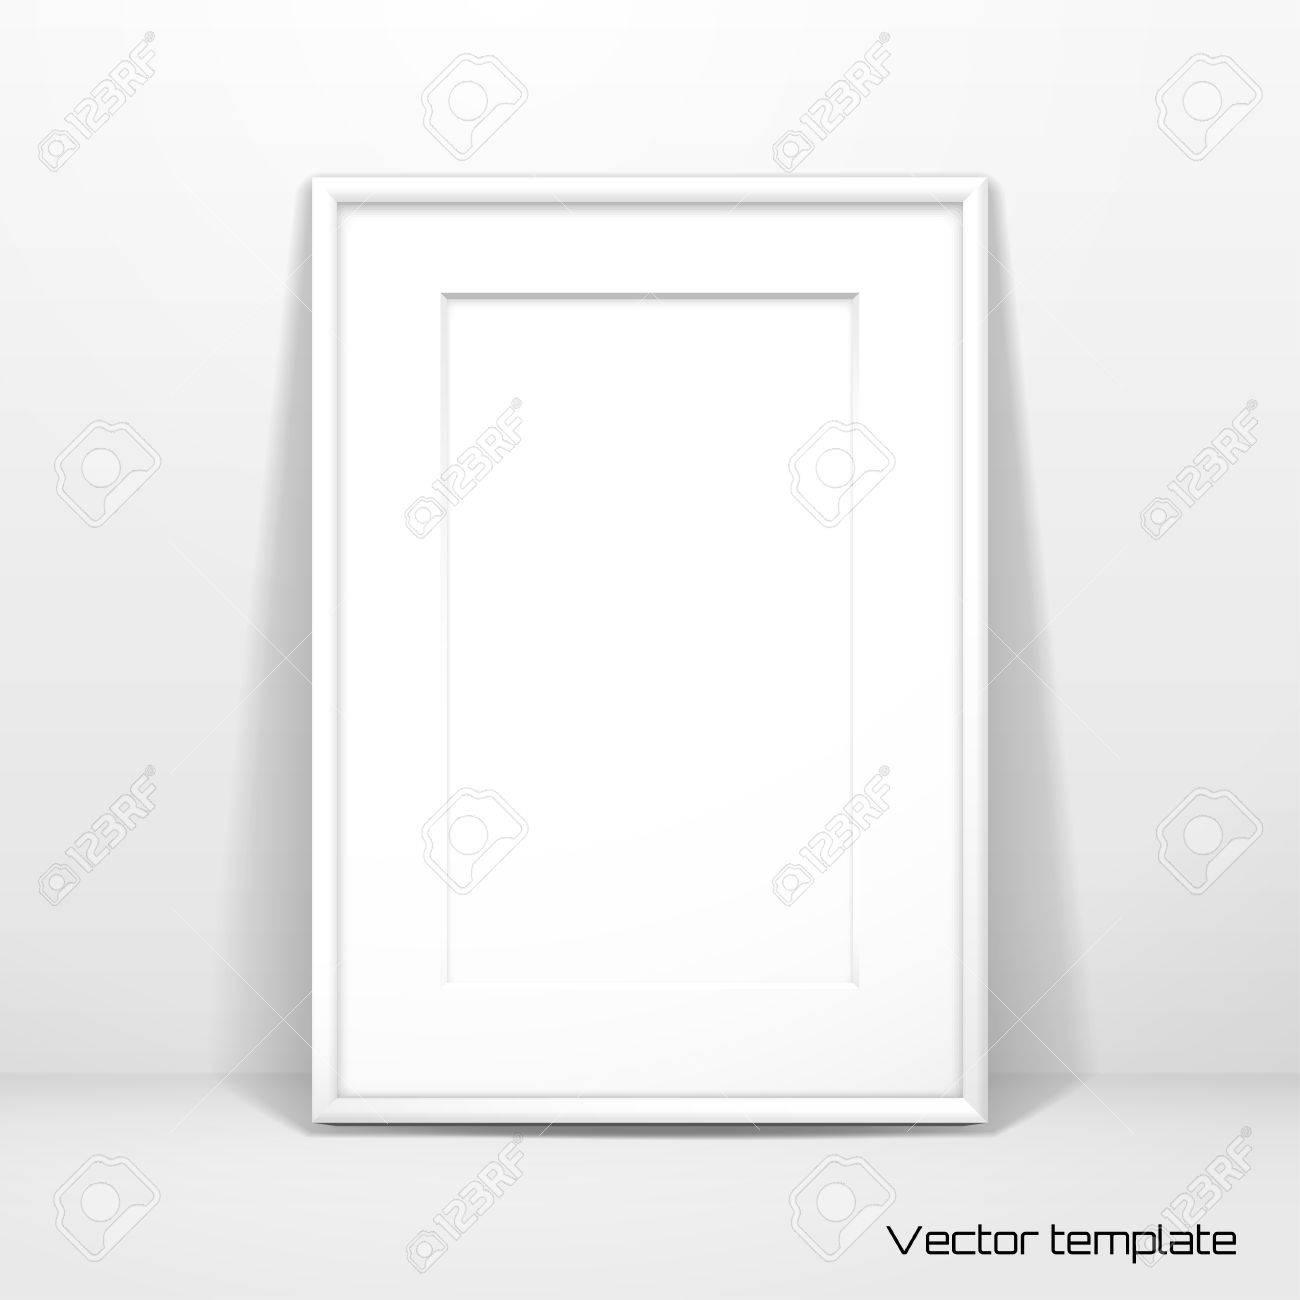 Vektor-Vorlage. Bilderrahmen Design Mit Passepartout. Realistischer ...